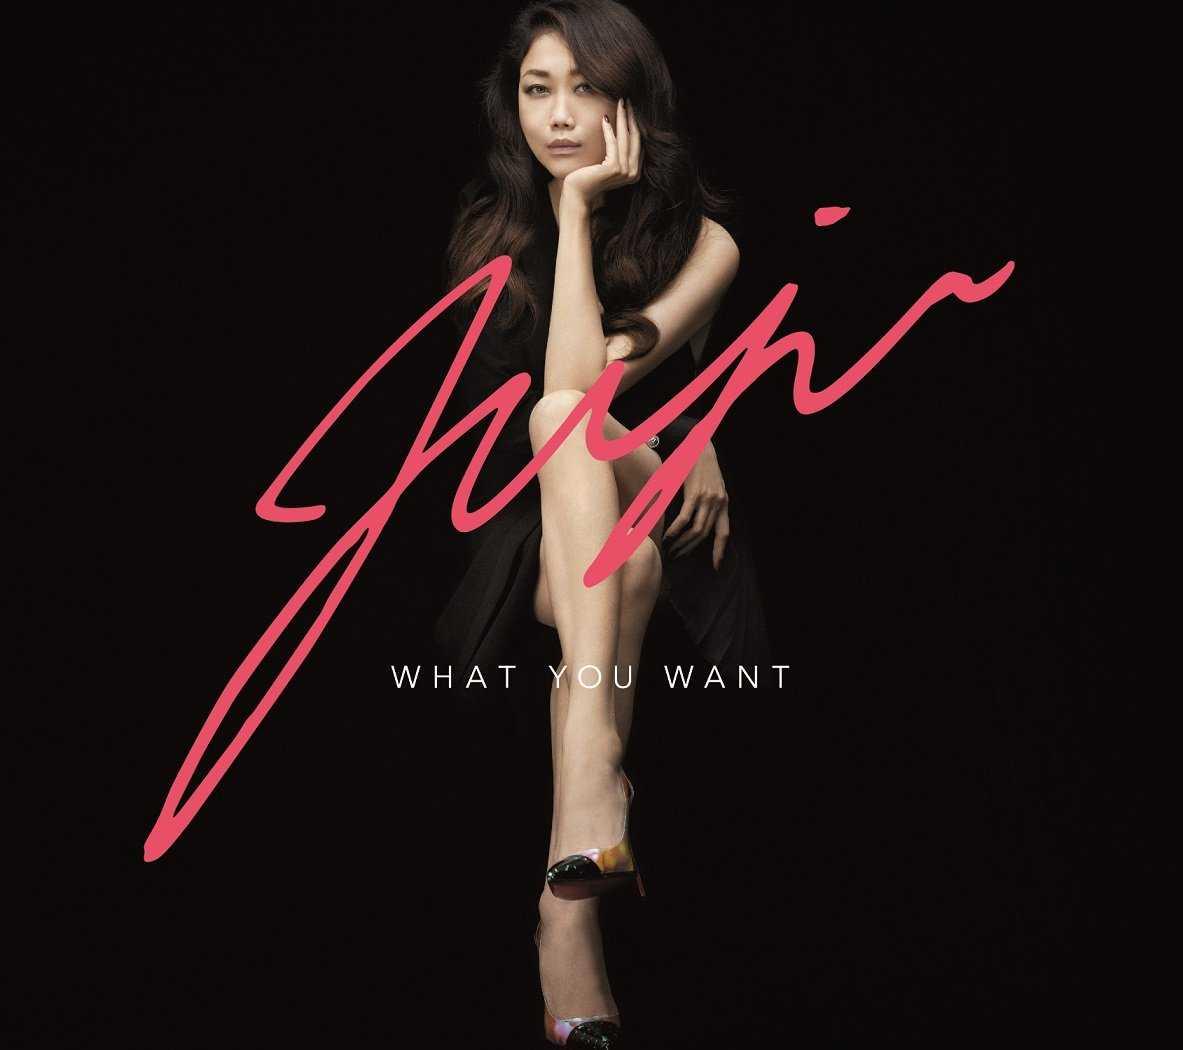 JUJUの歌は色褪せない!夢を諦めない強さをくれる魅力に注目!